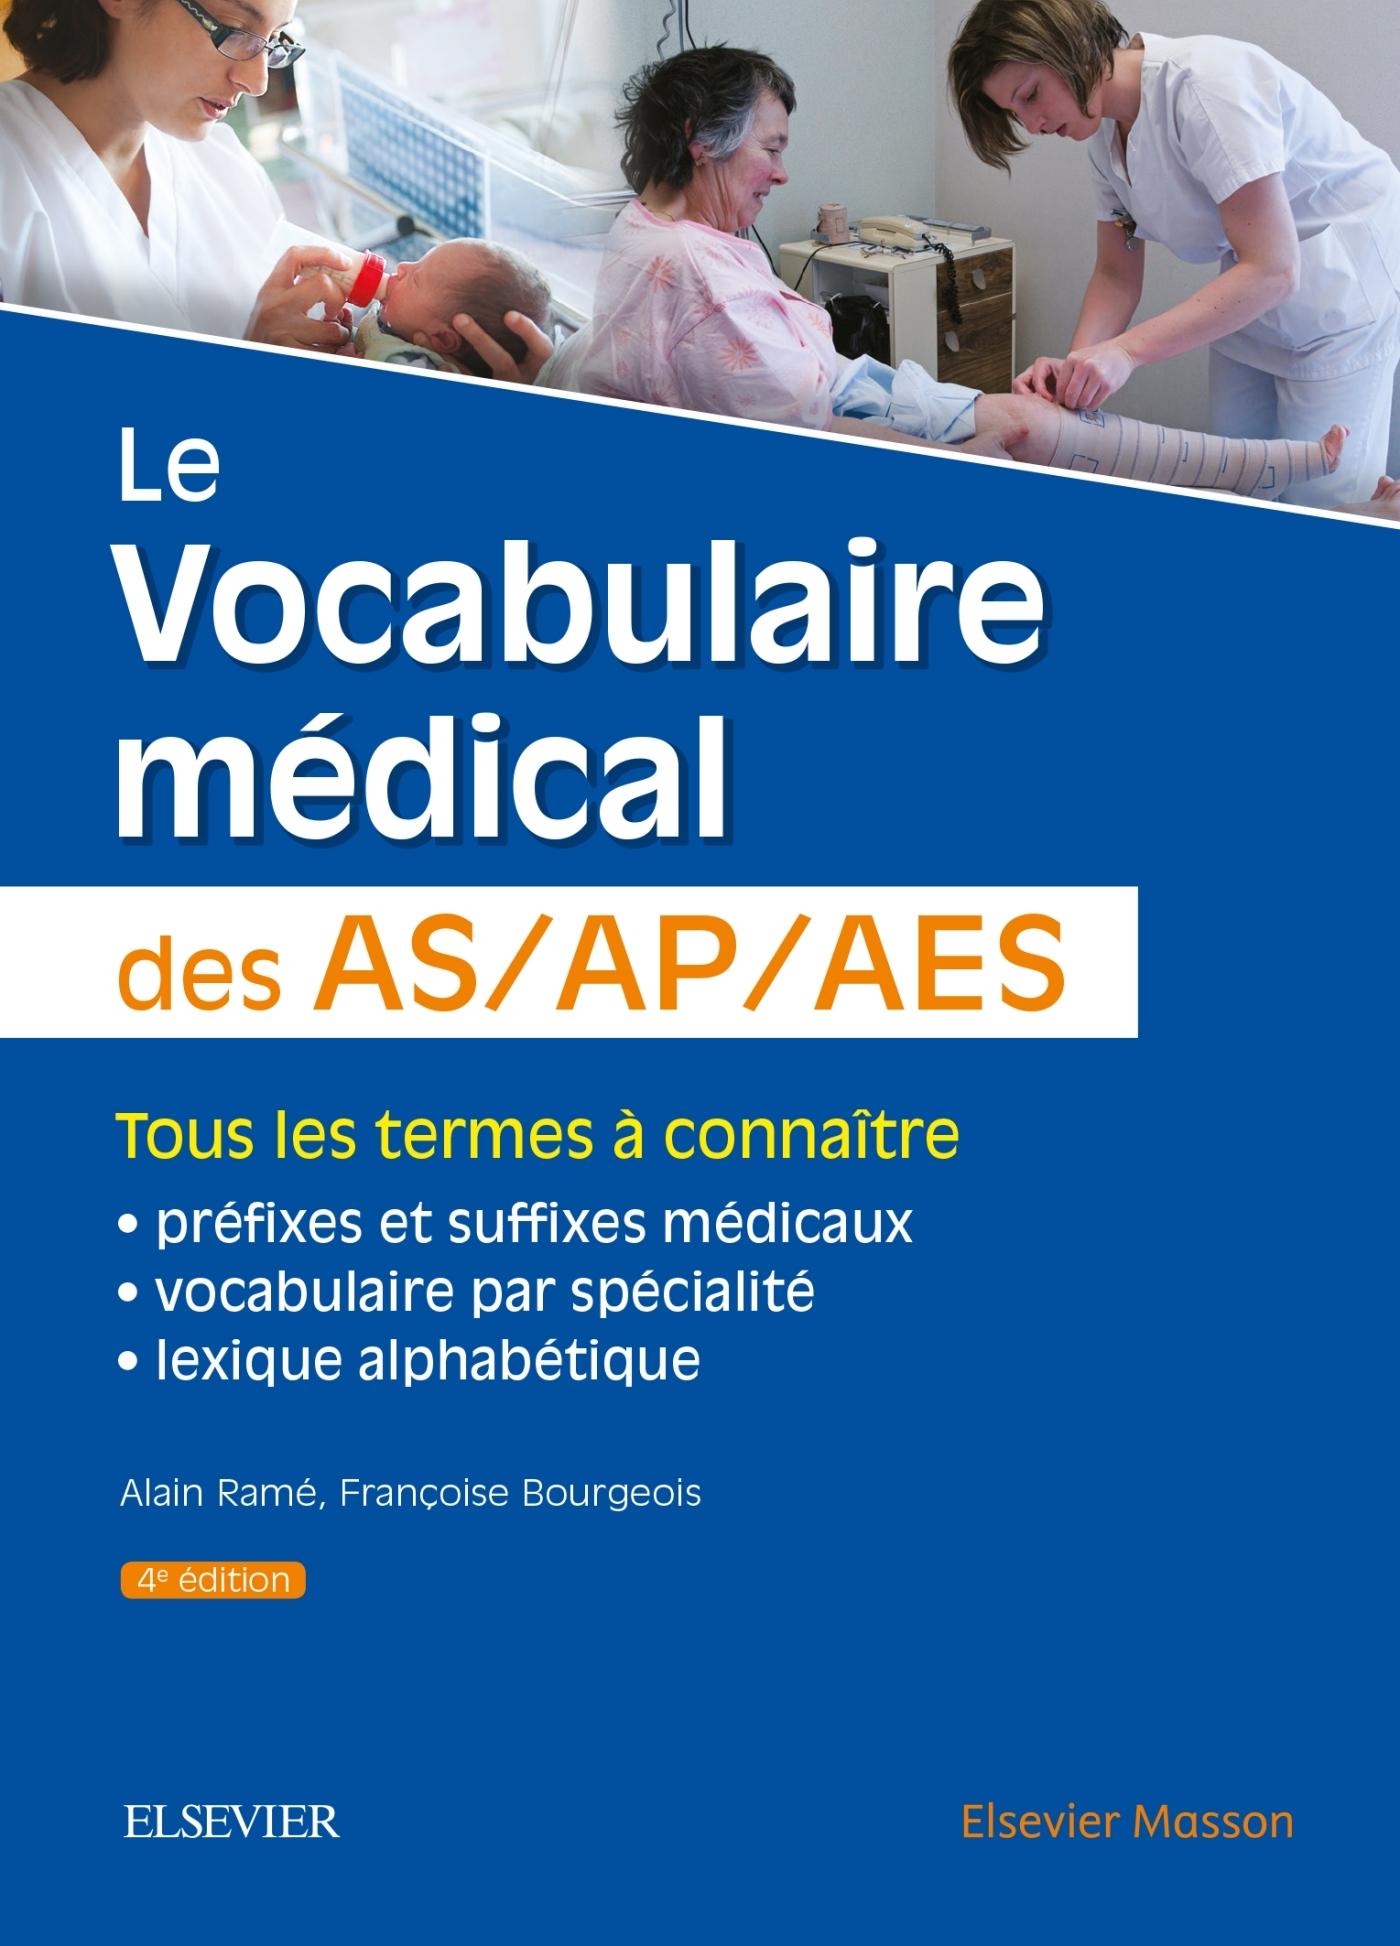 LE VOCABULAIRE MEDICAL DES AS/AP/AES - AIDE-SOIGNANT, AUXILIAIRE DE PUERICULTURE, ACCOMPAGNANT EDUCA